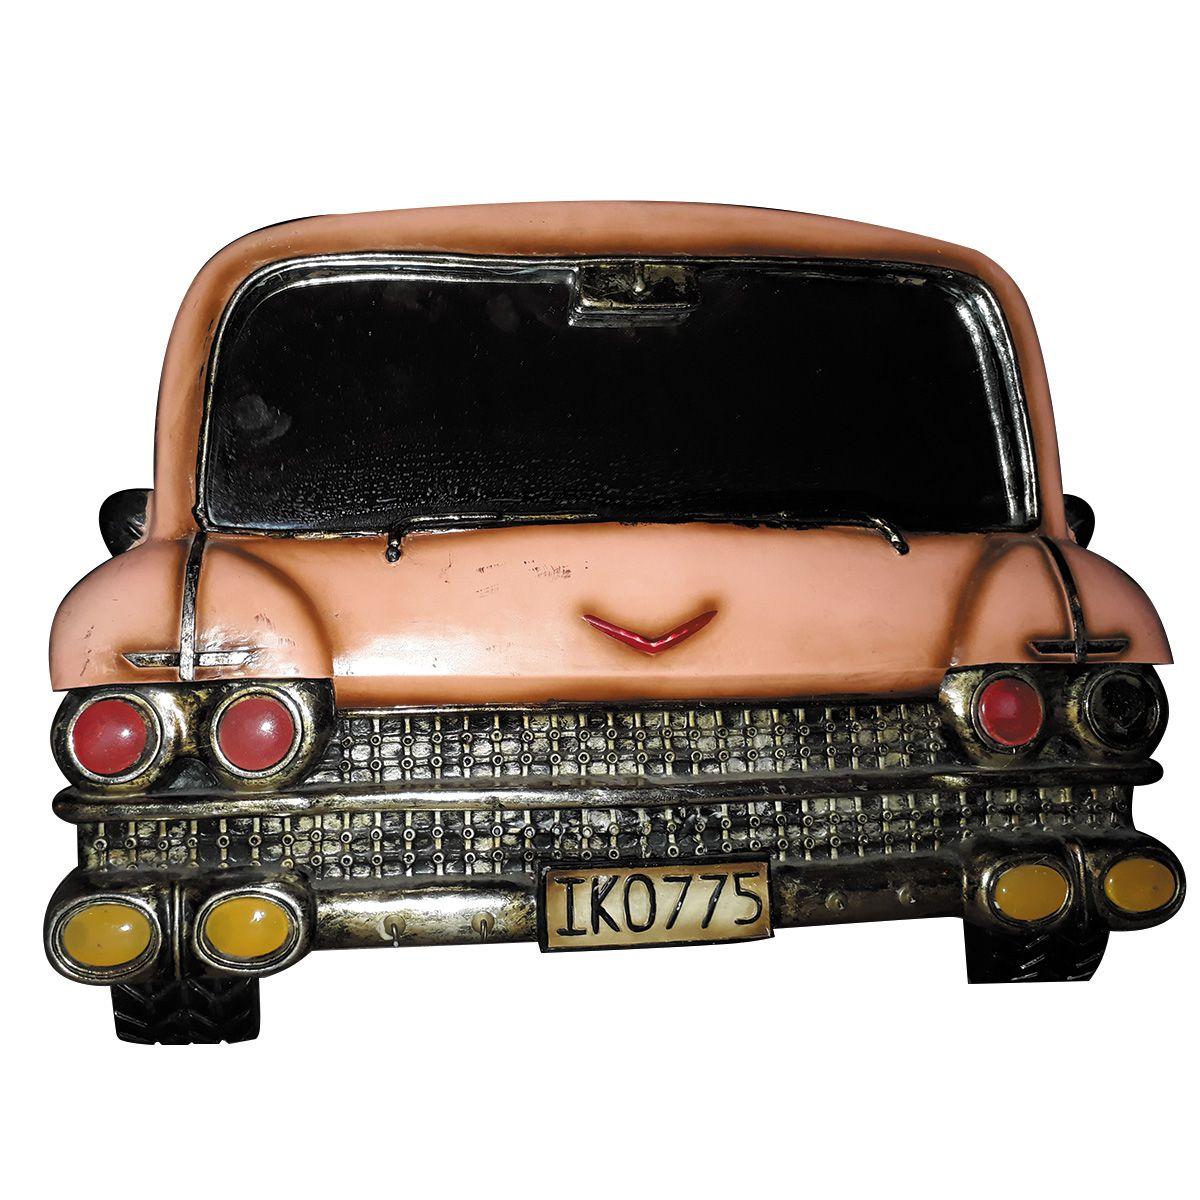 Espelho de Carro Pura Nostalgia cor Rosa placa IKO-775